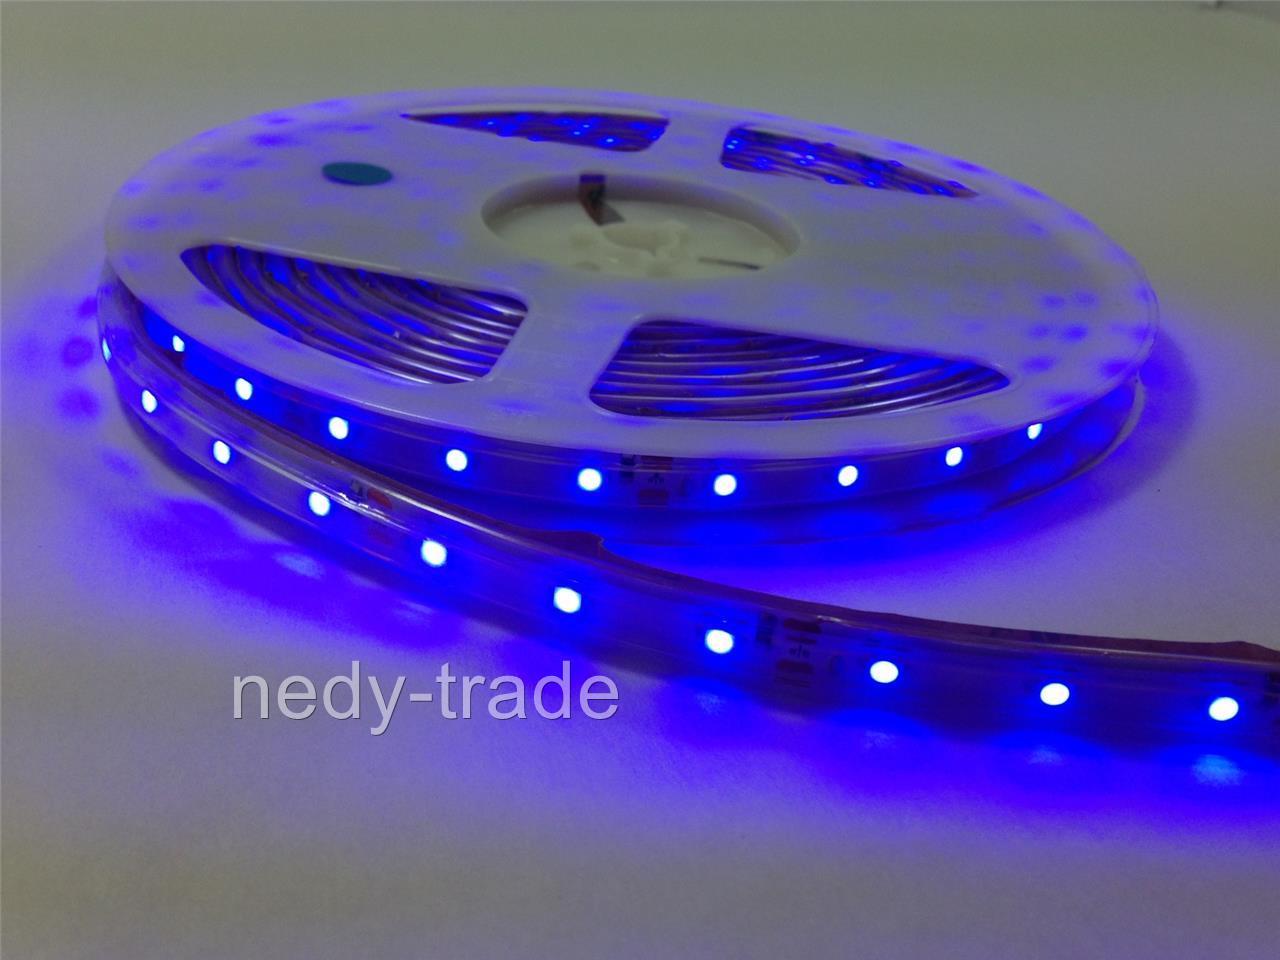 12v led leiste blau wasserdicht 5m led streifen strip lichter auto kfz pkw lkw. Black Bedroom Furniture Sets. Home Design Ideas